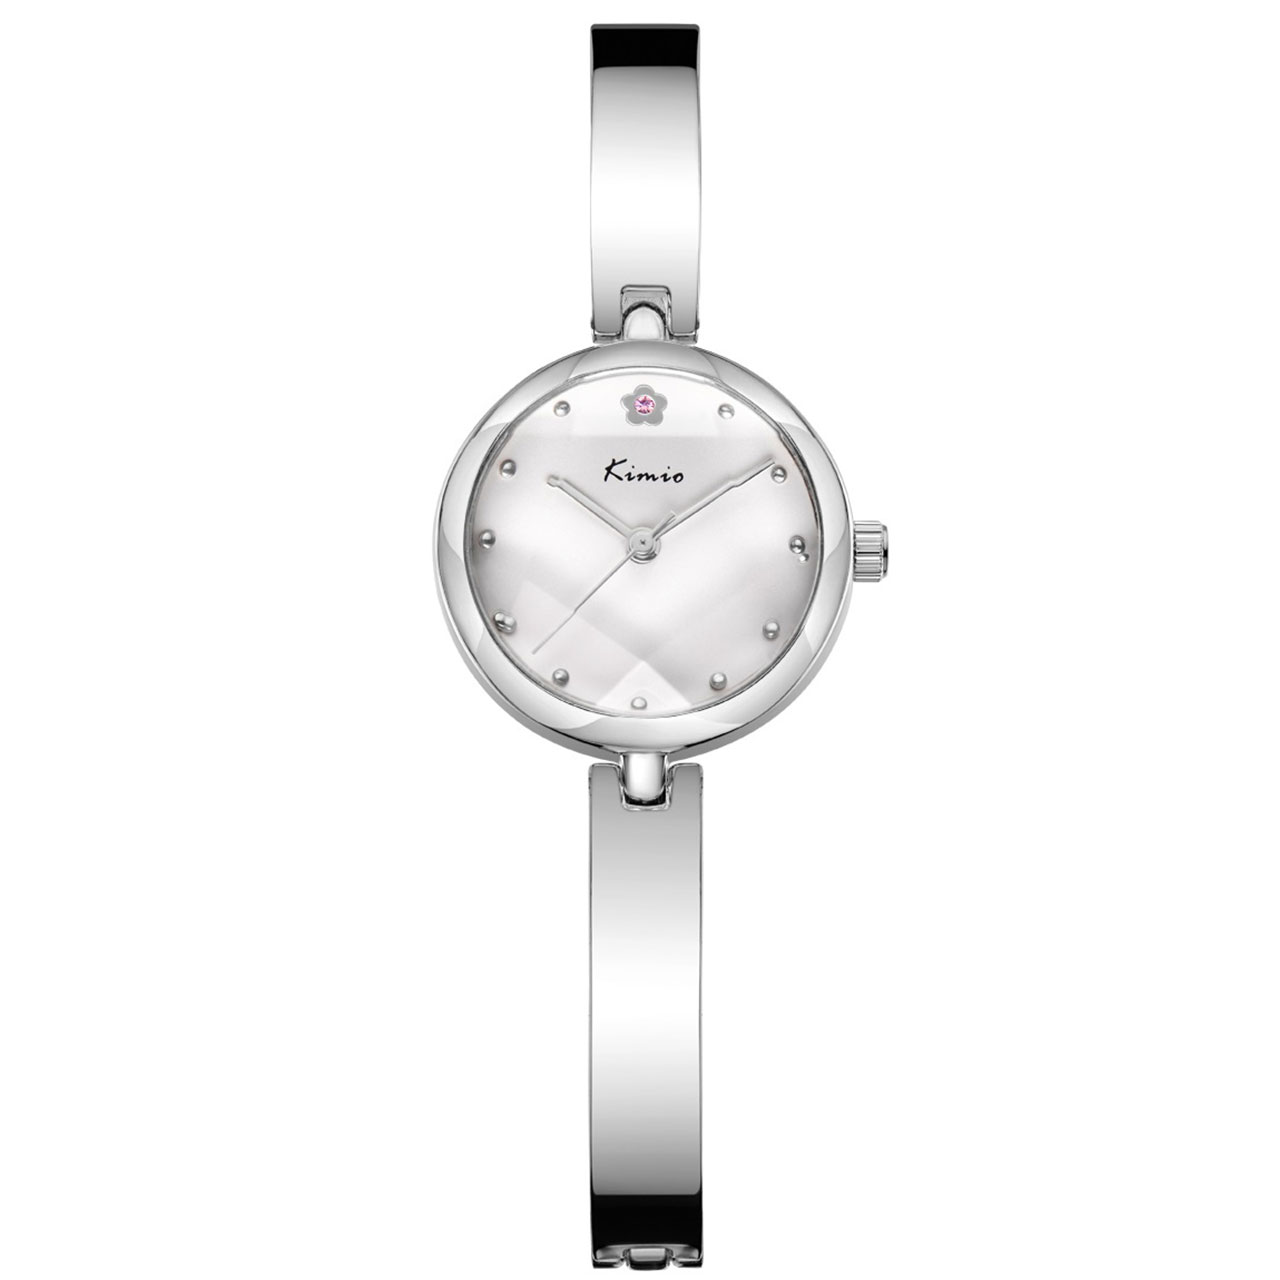 ساعت مچی عقربه ای زنانه کیمیو مدل K6211S-GD1WWW 23